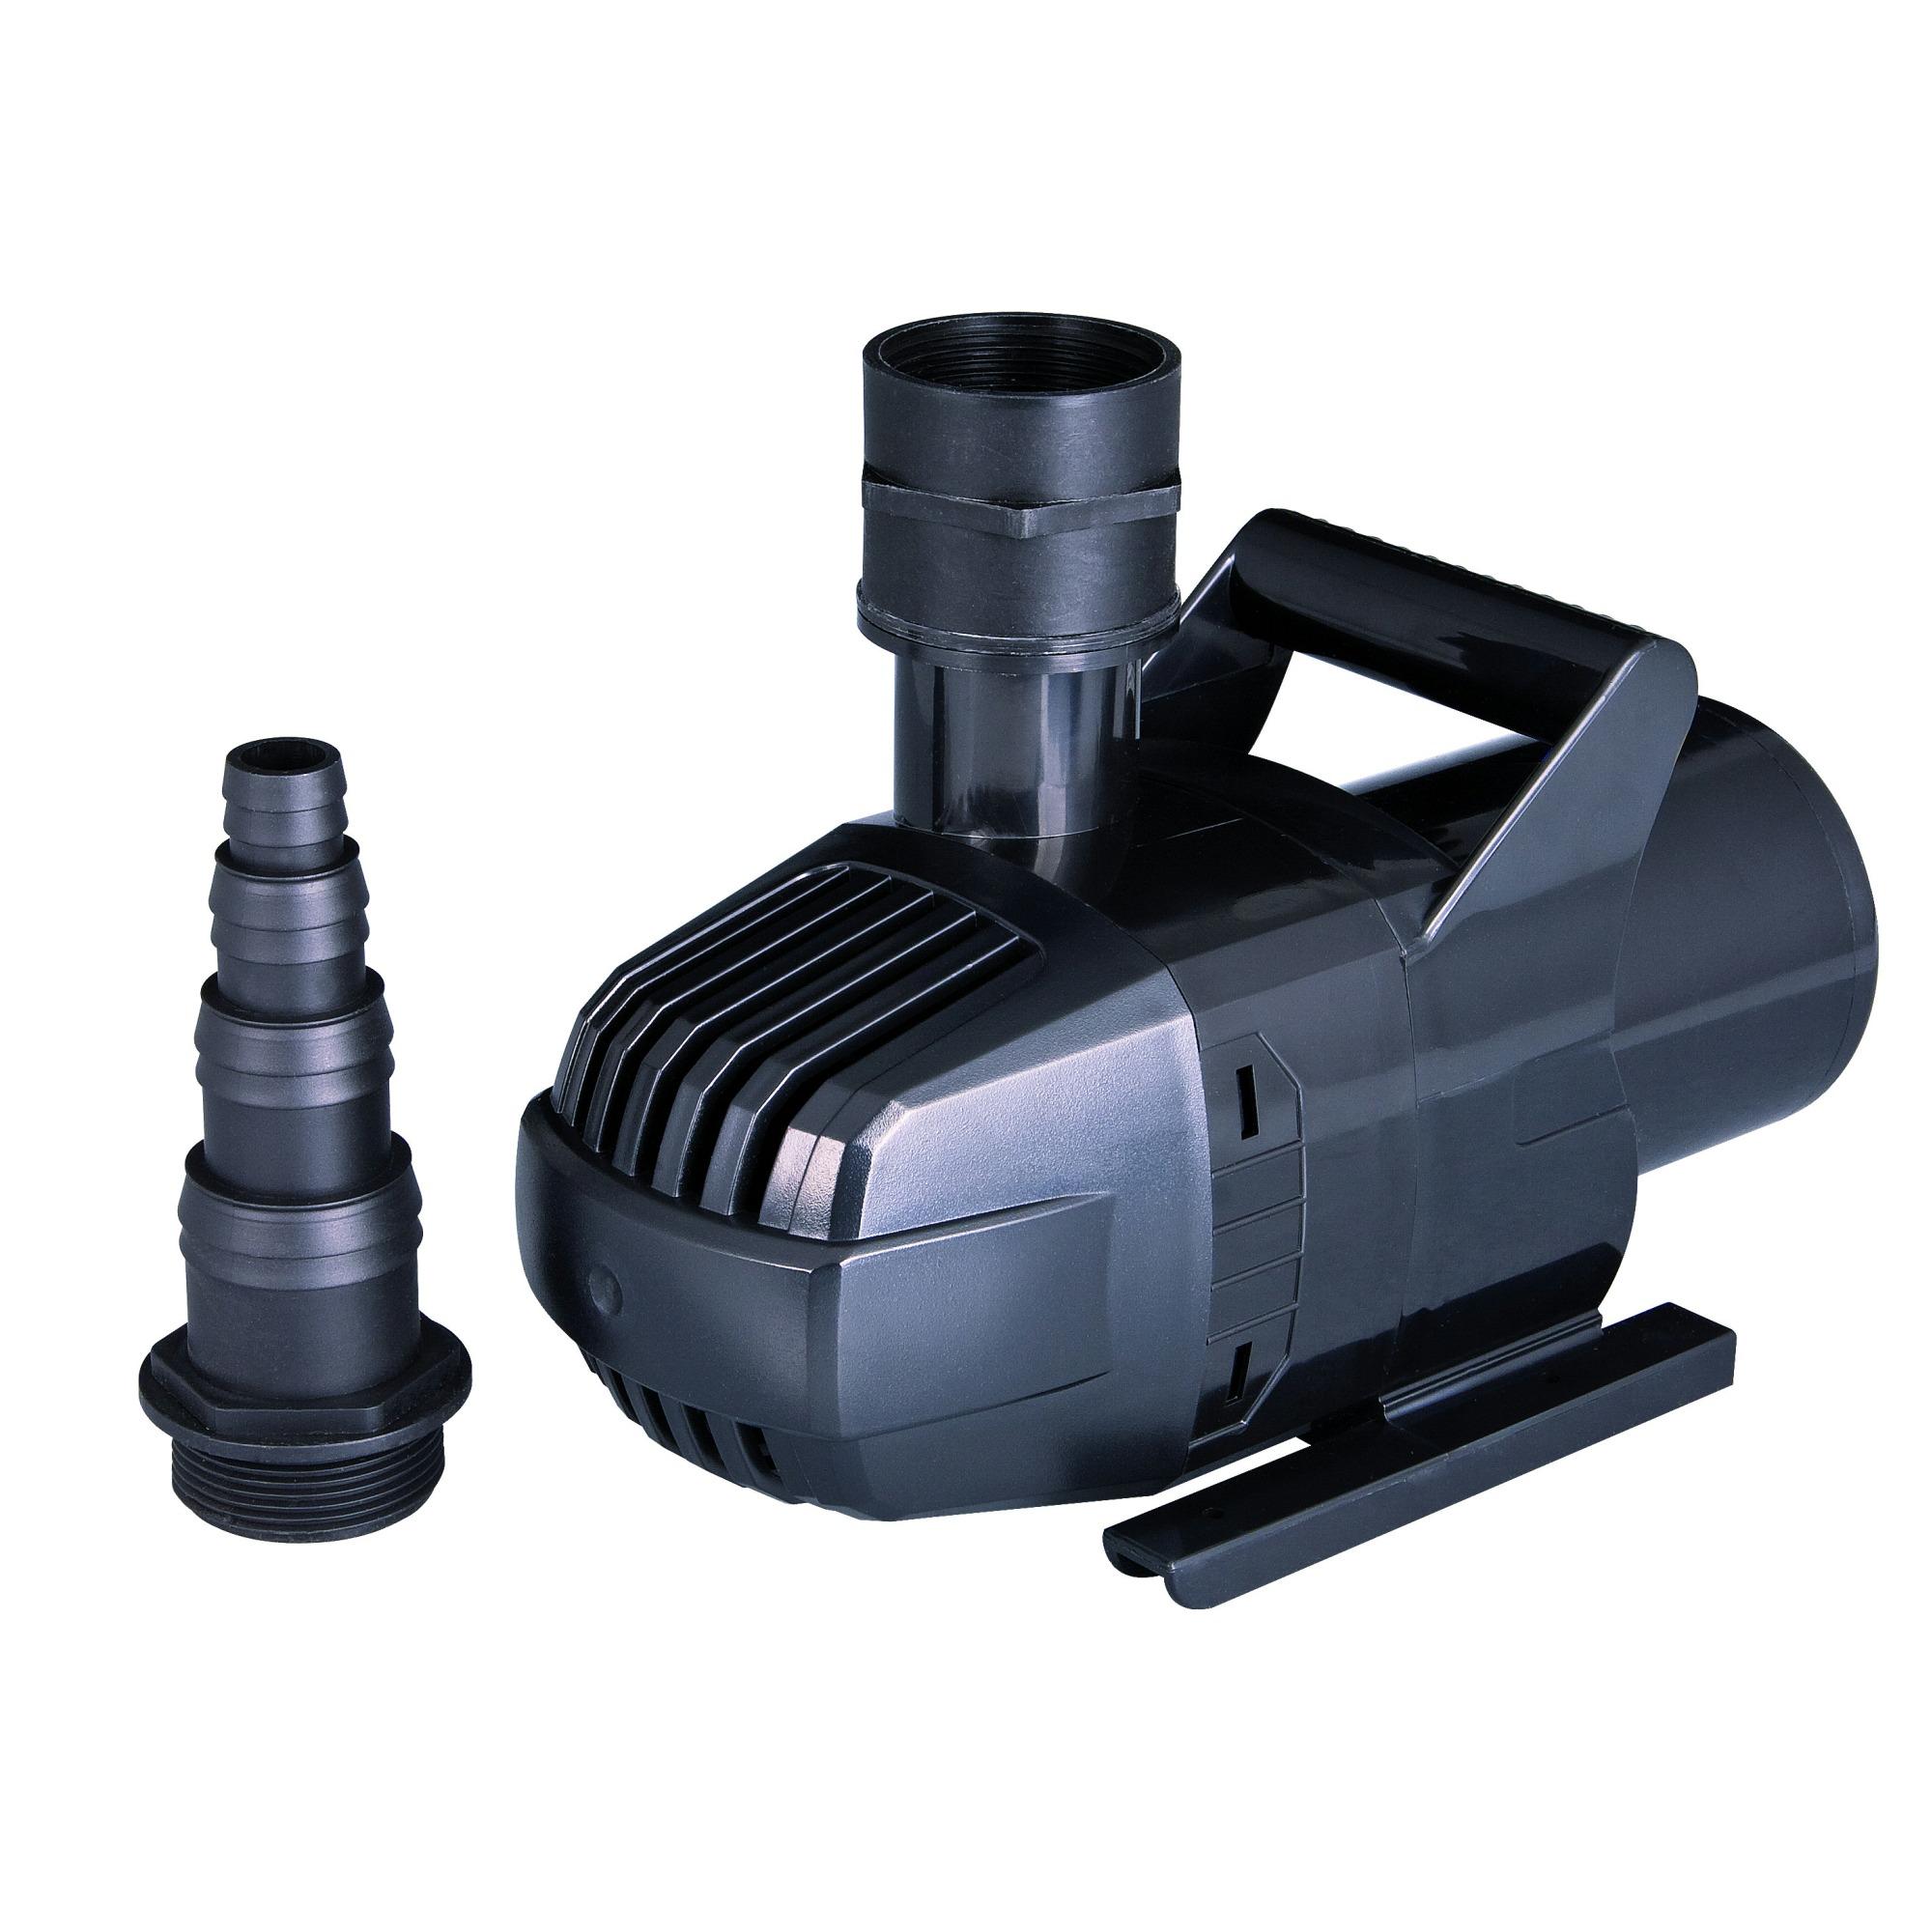 Ubbink filterpomp xtra 3000 fi